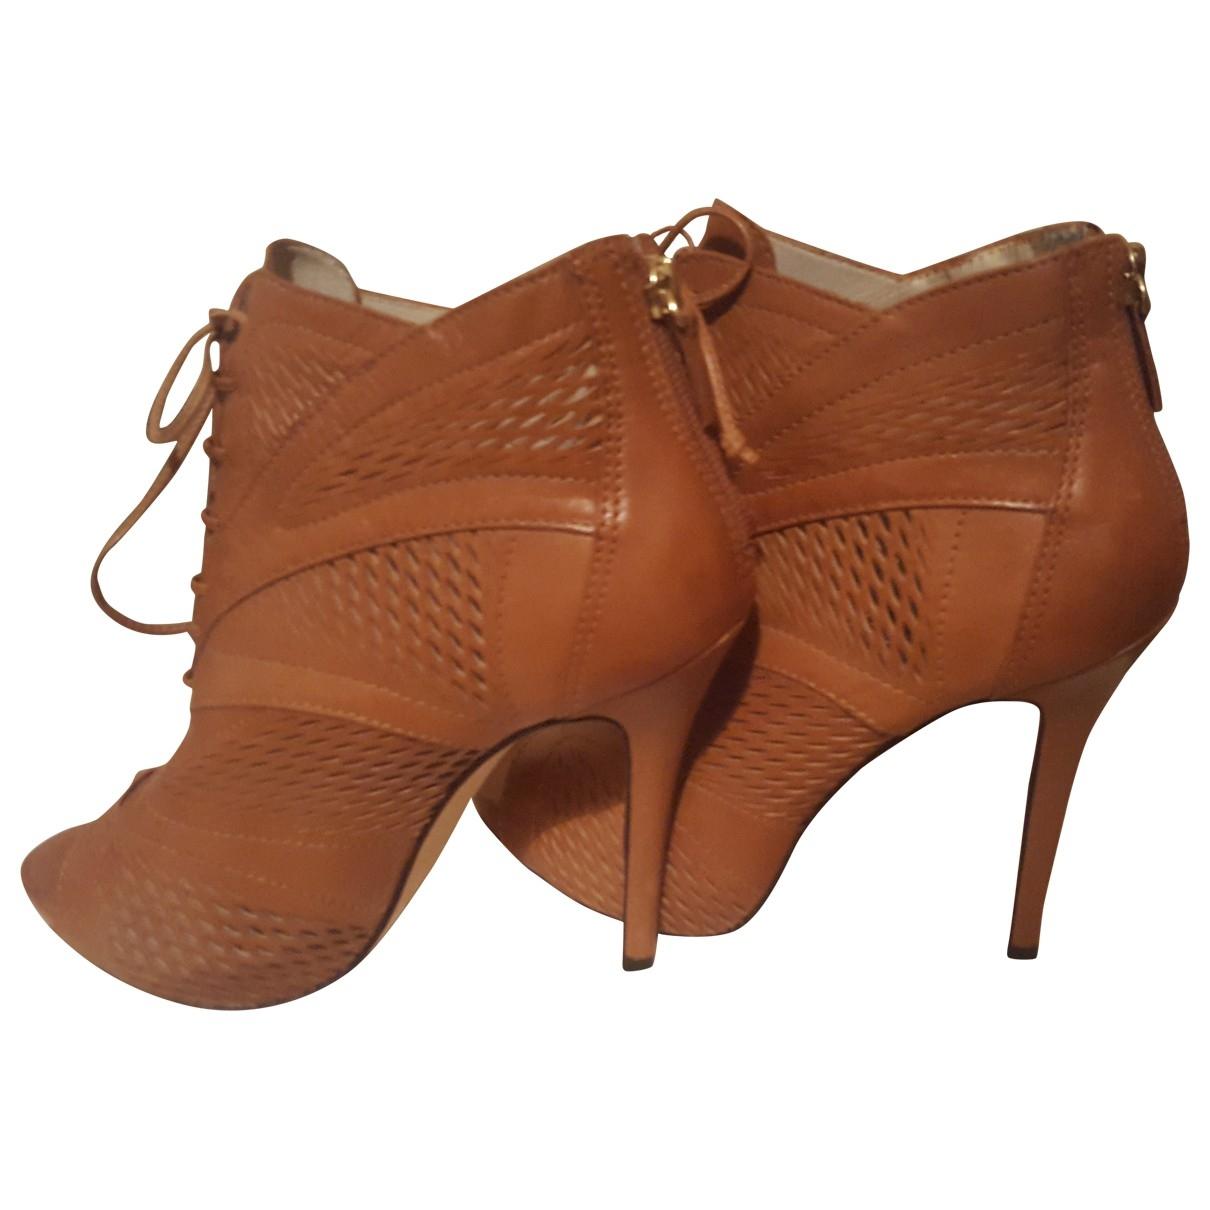 Lk Bennett - Boots   pour femme en cuir - marron